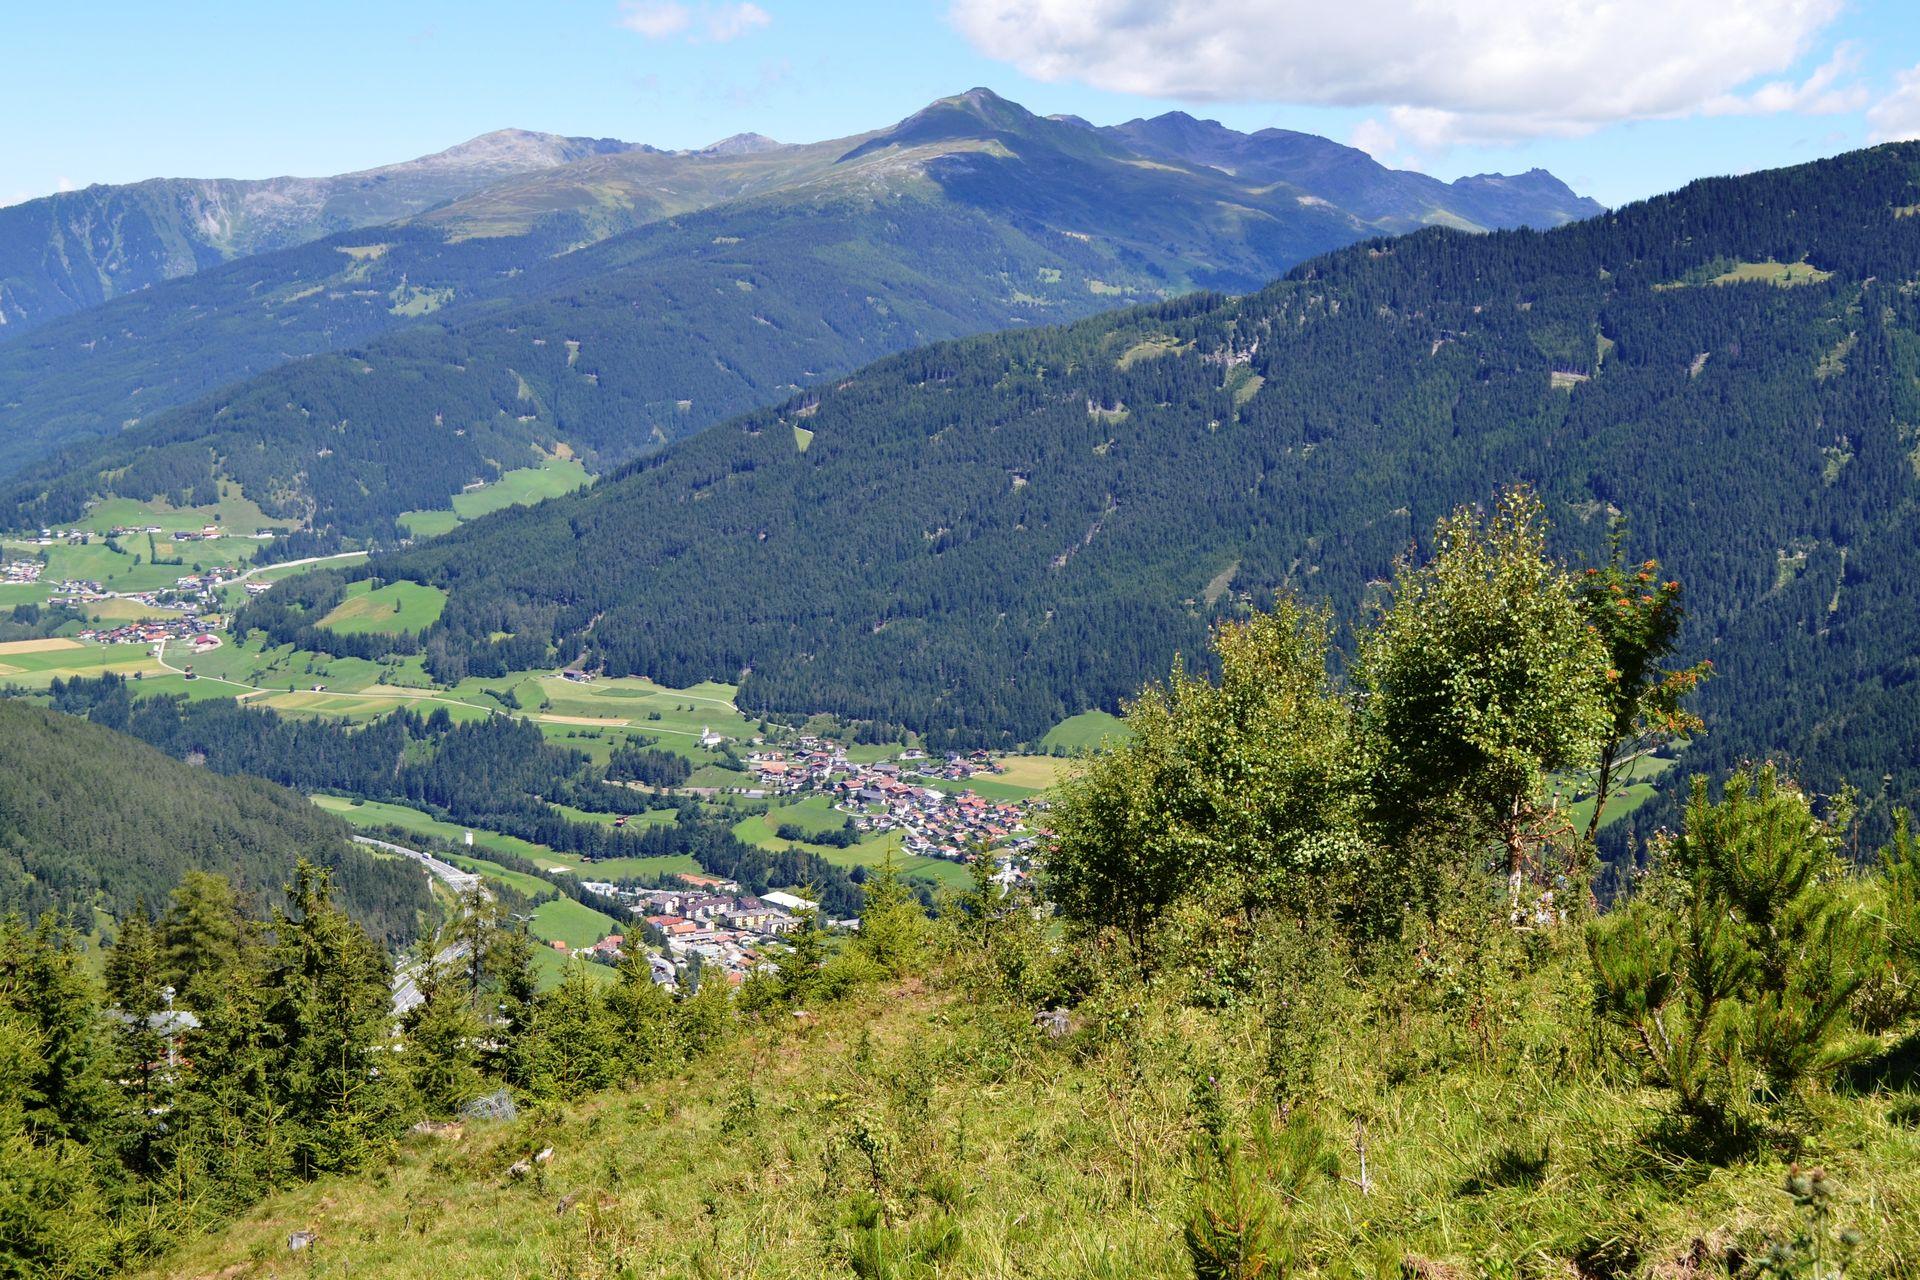 Ferienregion Wipptal und Innsbruck